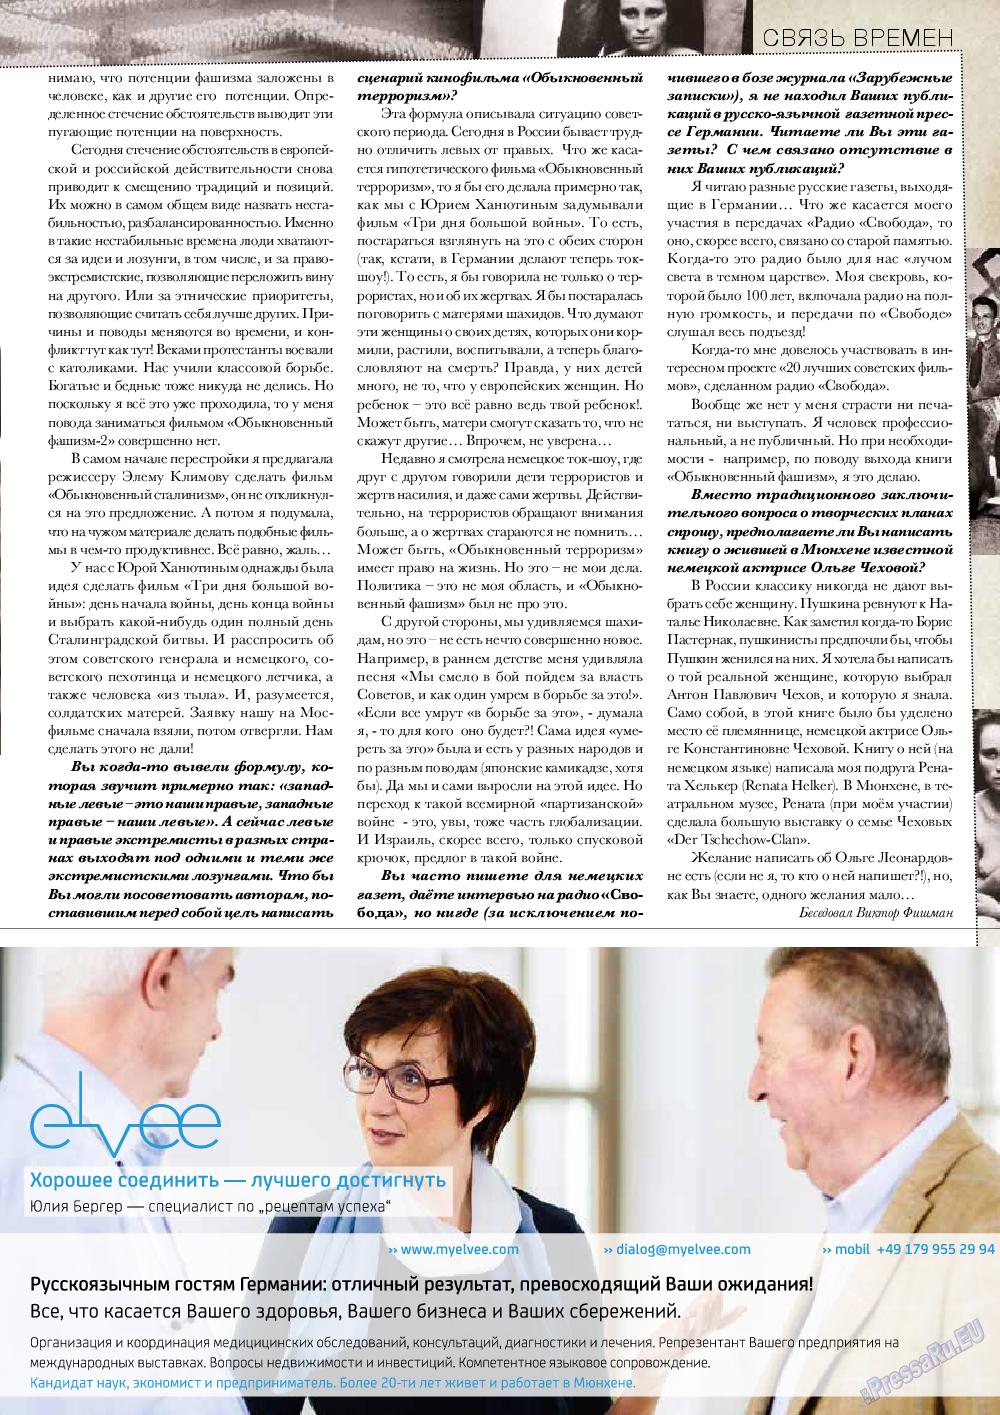 У нас в Баварии (журнал). 2016 год, номер 2, стр. 11